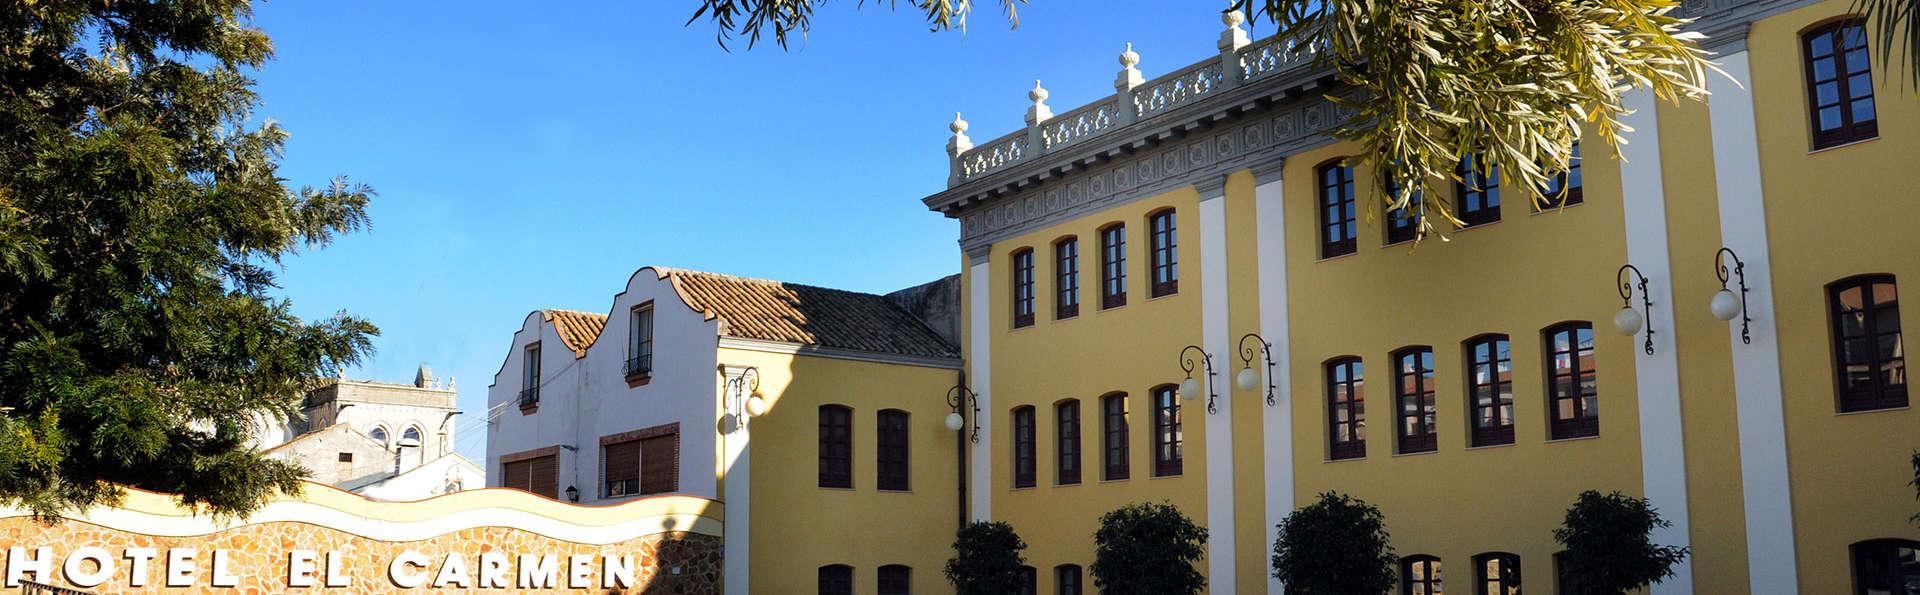 Hotel El Carmen Puente Genil - EDIT_front5.jpg